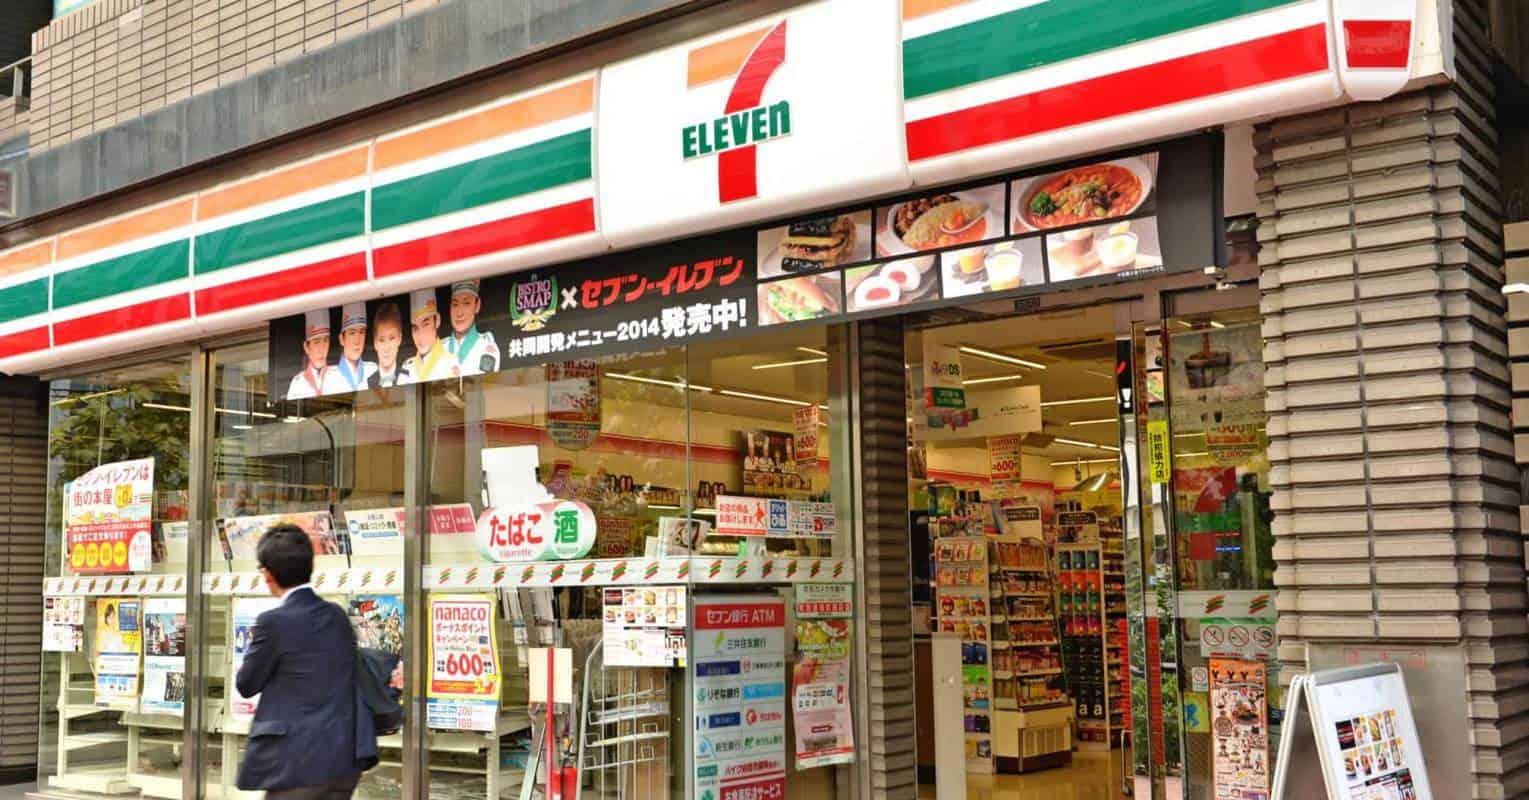 Cửa hàng tiện lợi ở Nhật Bản